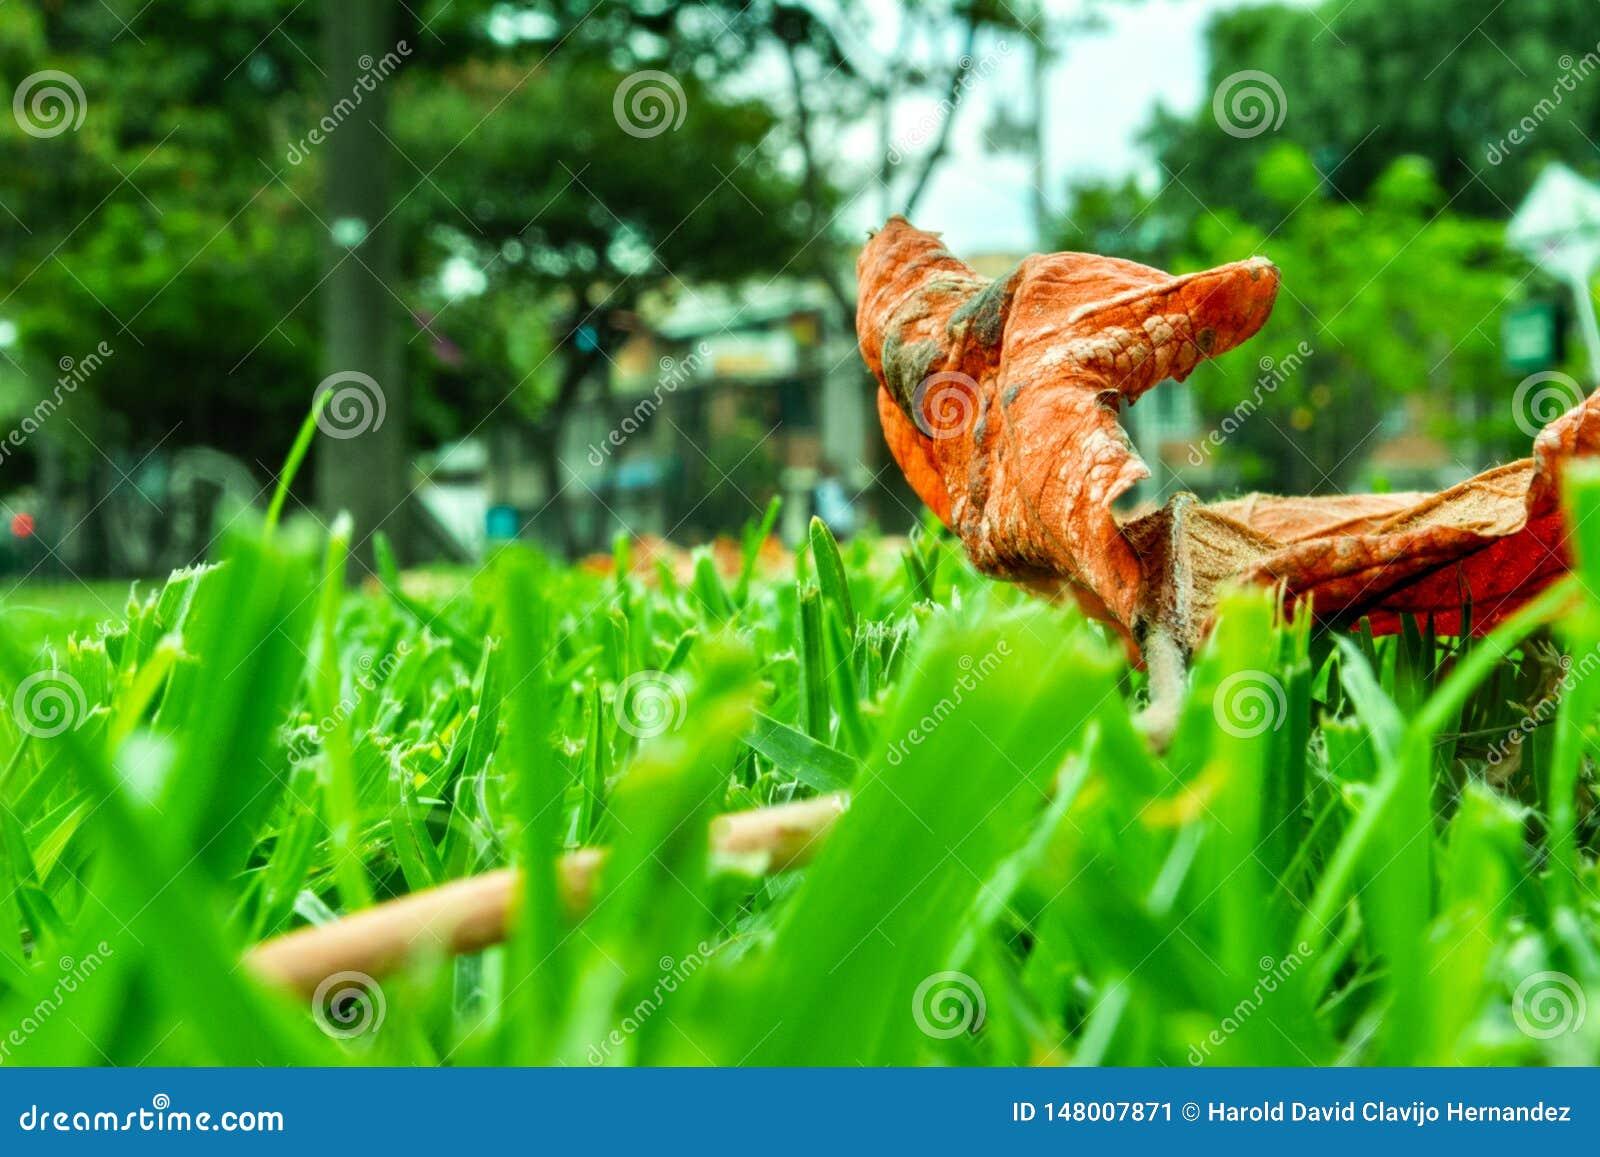 Hoja en la hierba verde